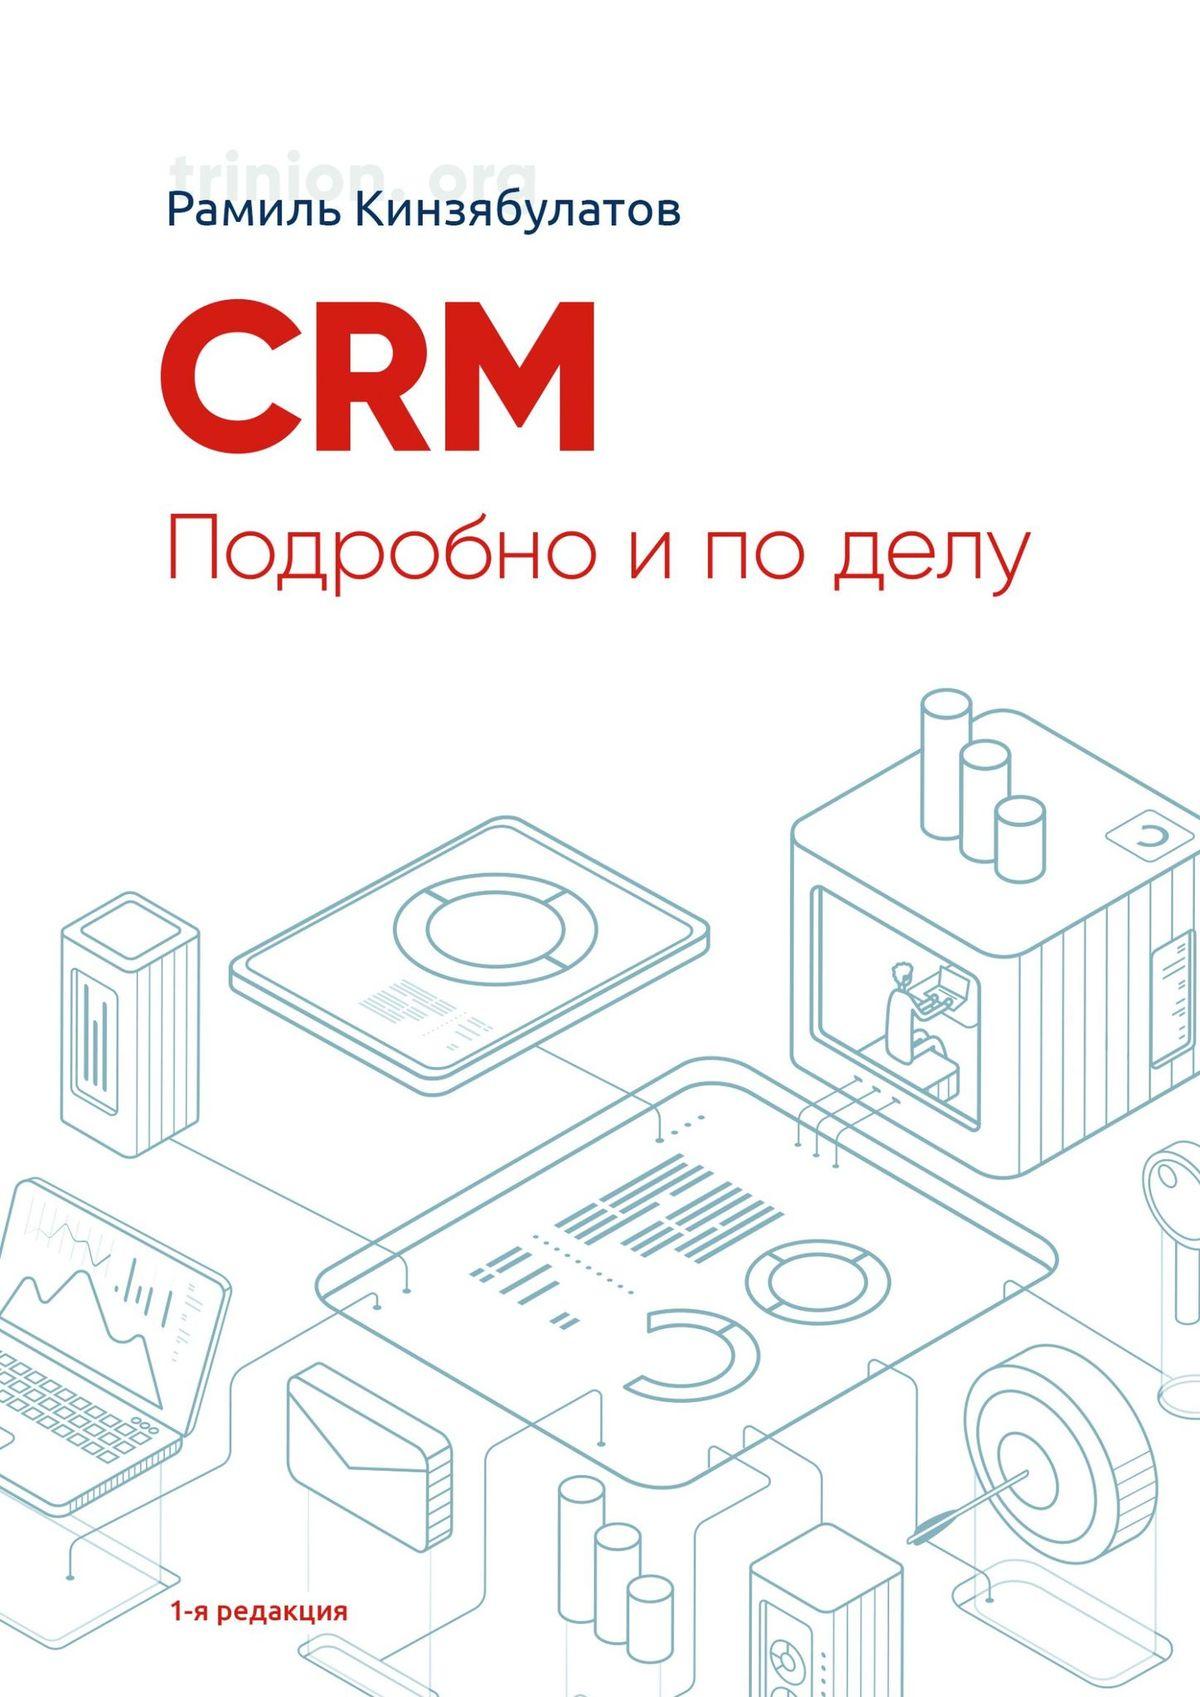 Рамиль Кинзябулатов CRM. Подробно иподелу. Редакция1